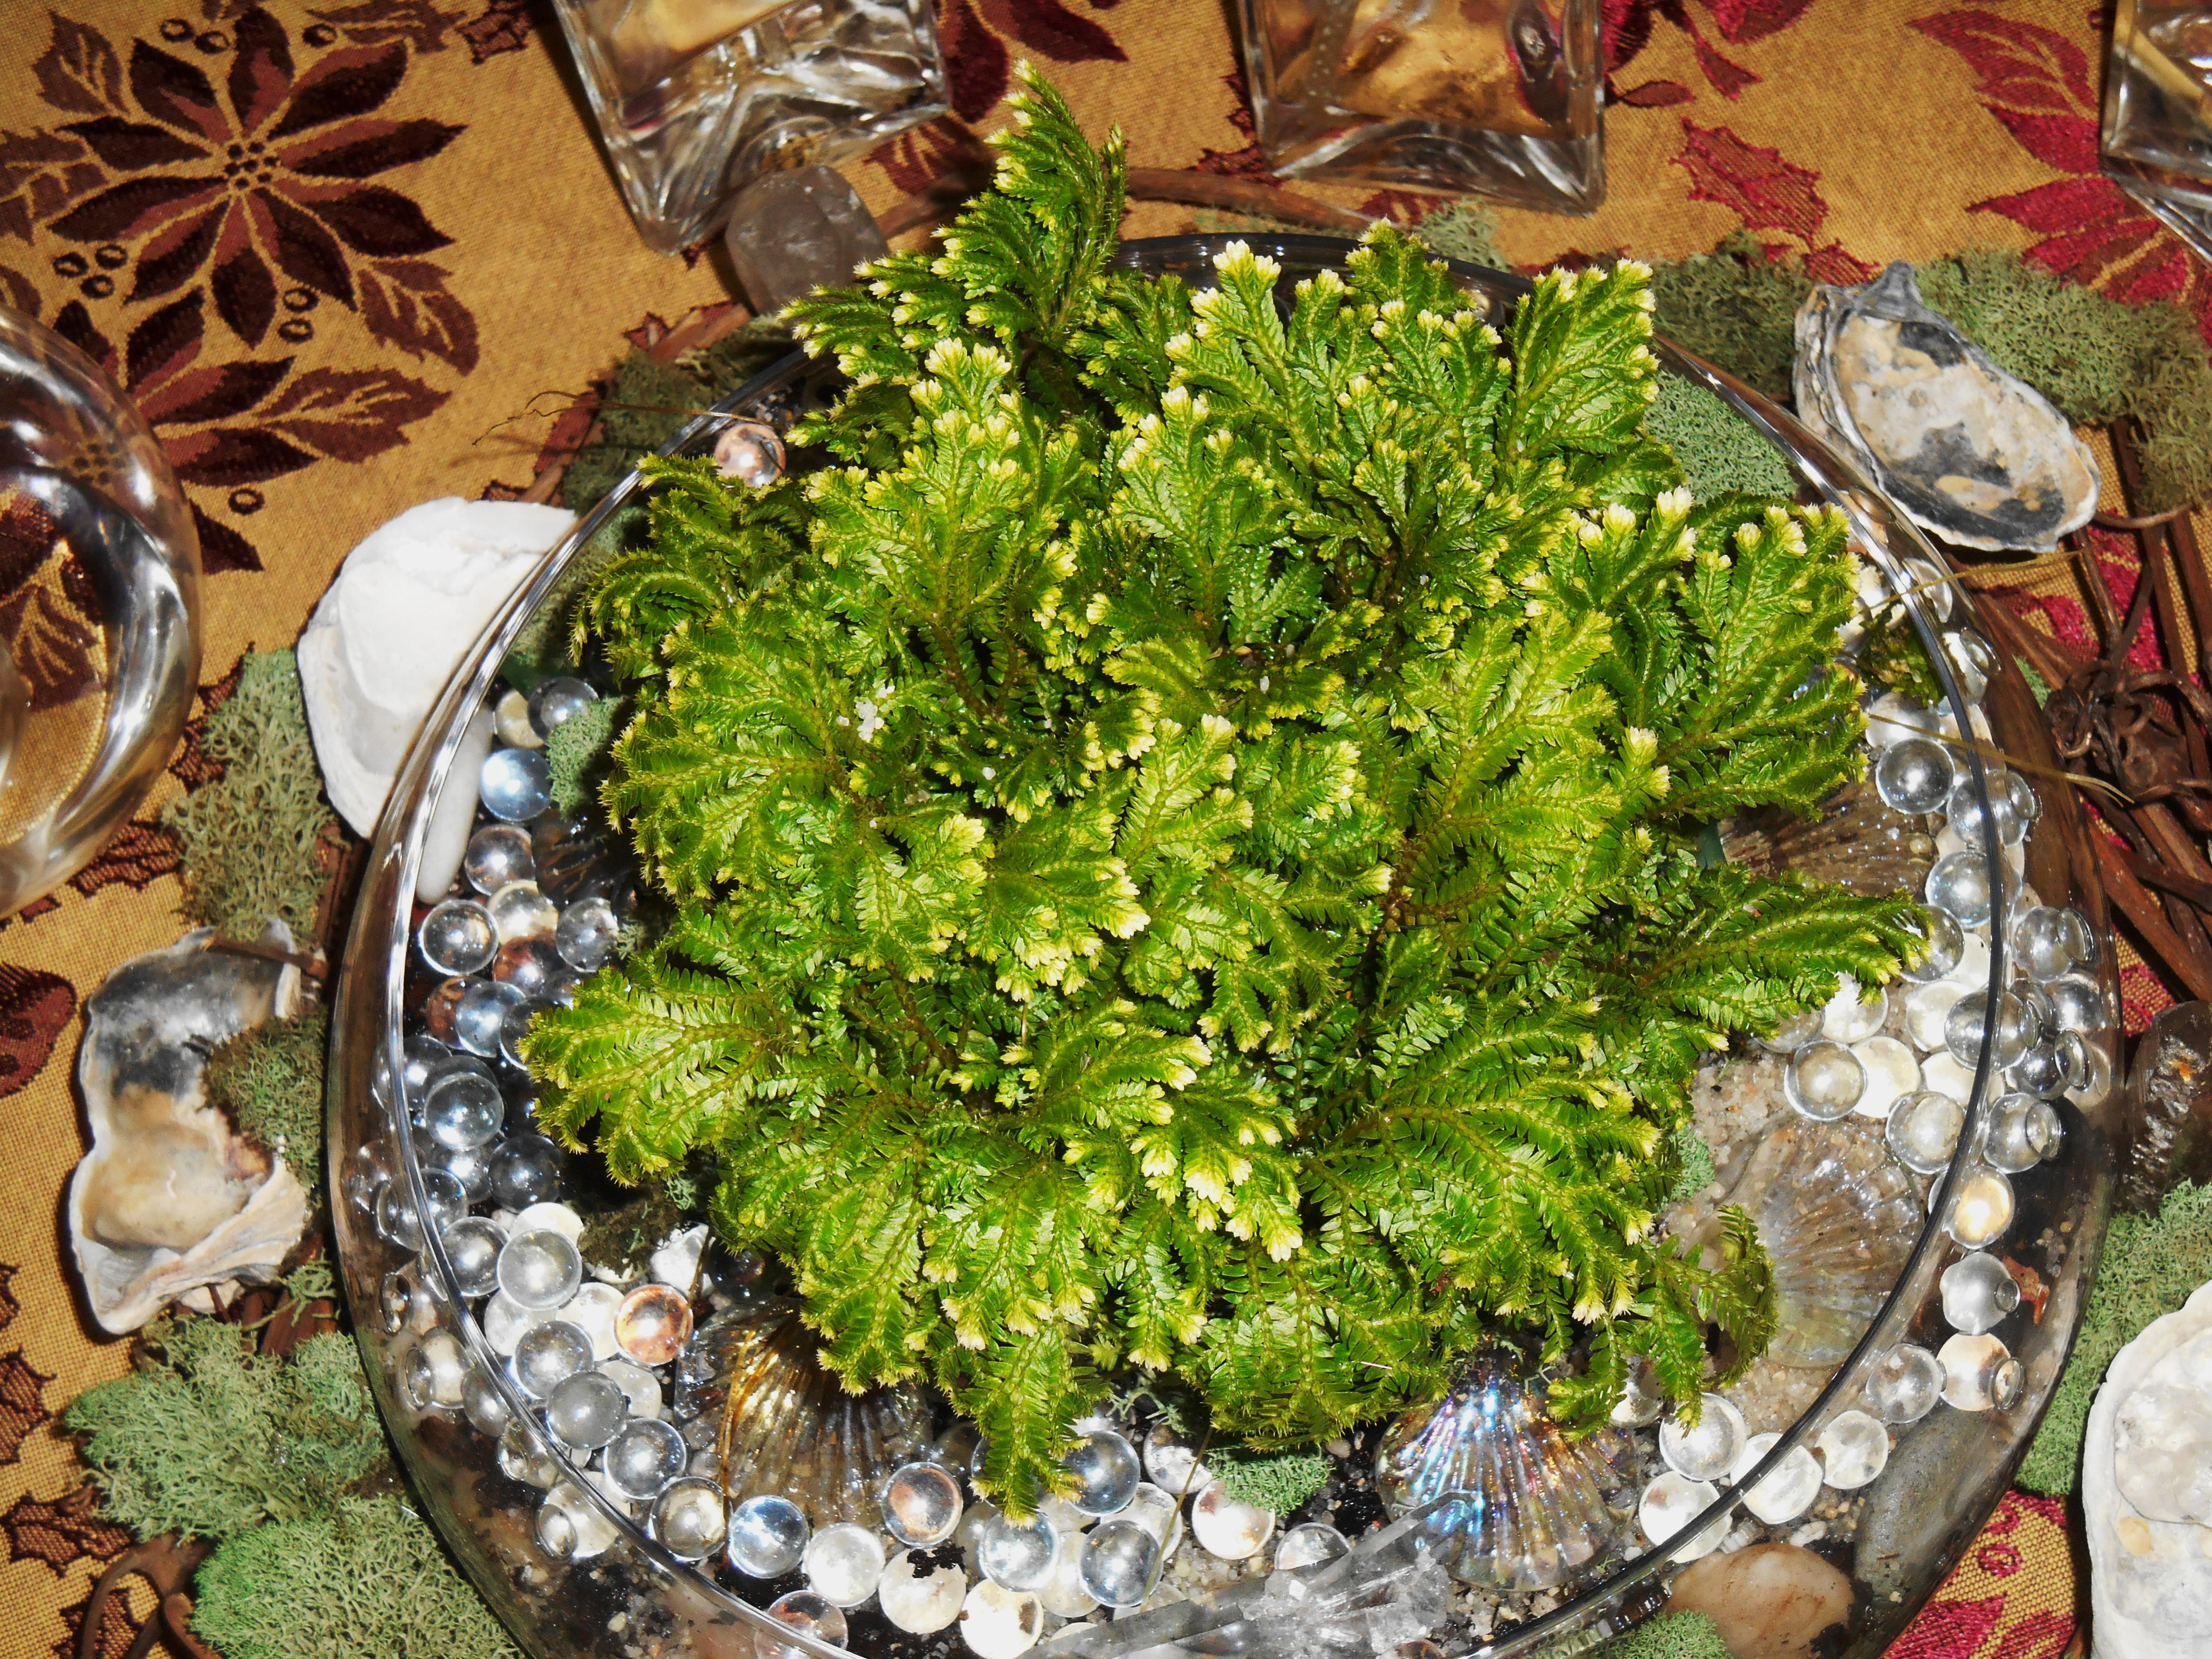 Holiday Wreath Challenge Forest Garden